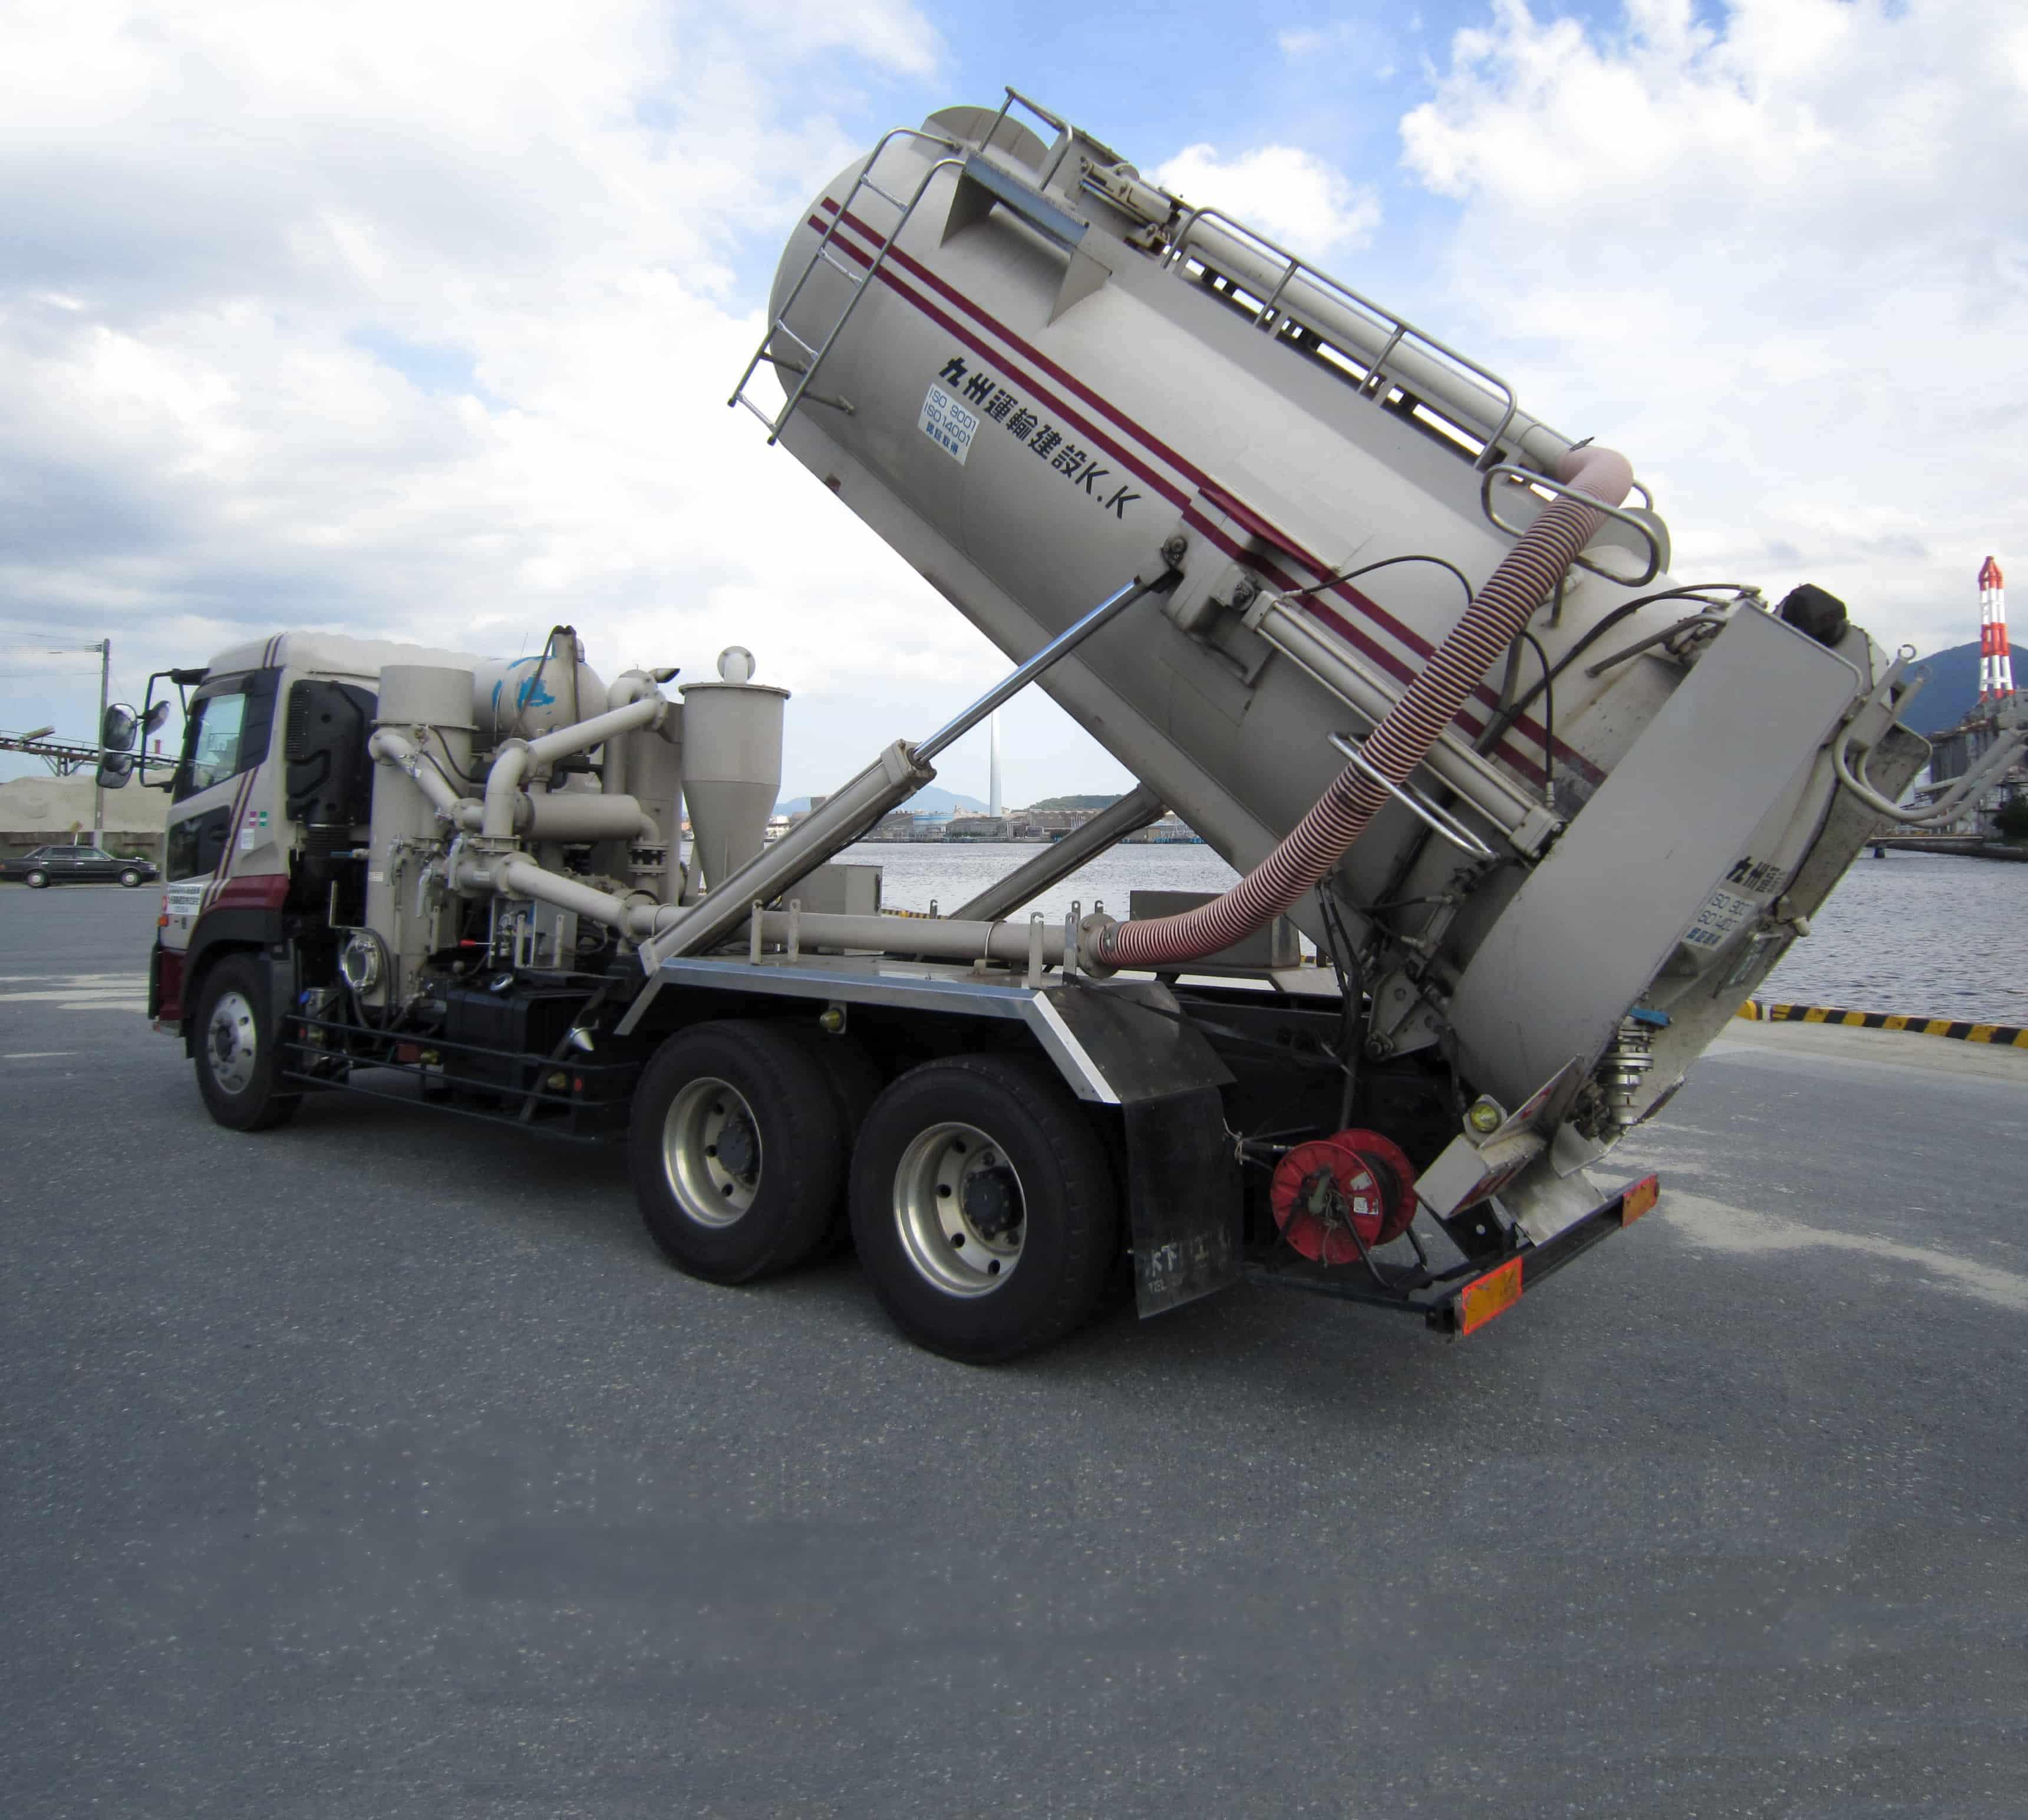 強力吸引者|産業廃棄物収集運搬|九州運輸建設株式会社|北九州市